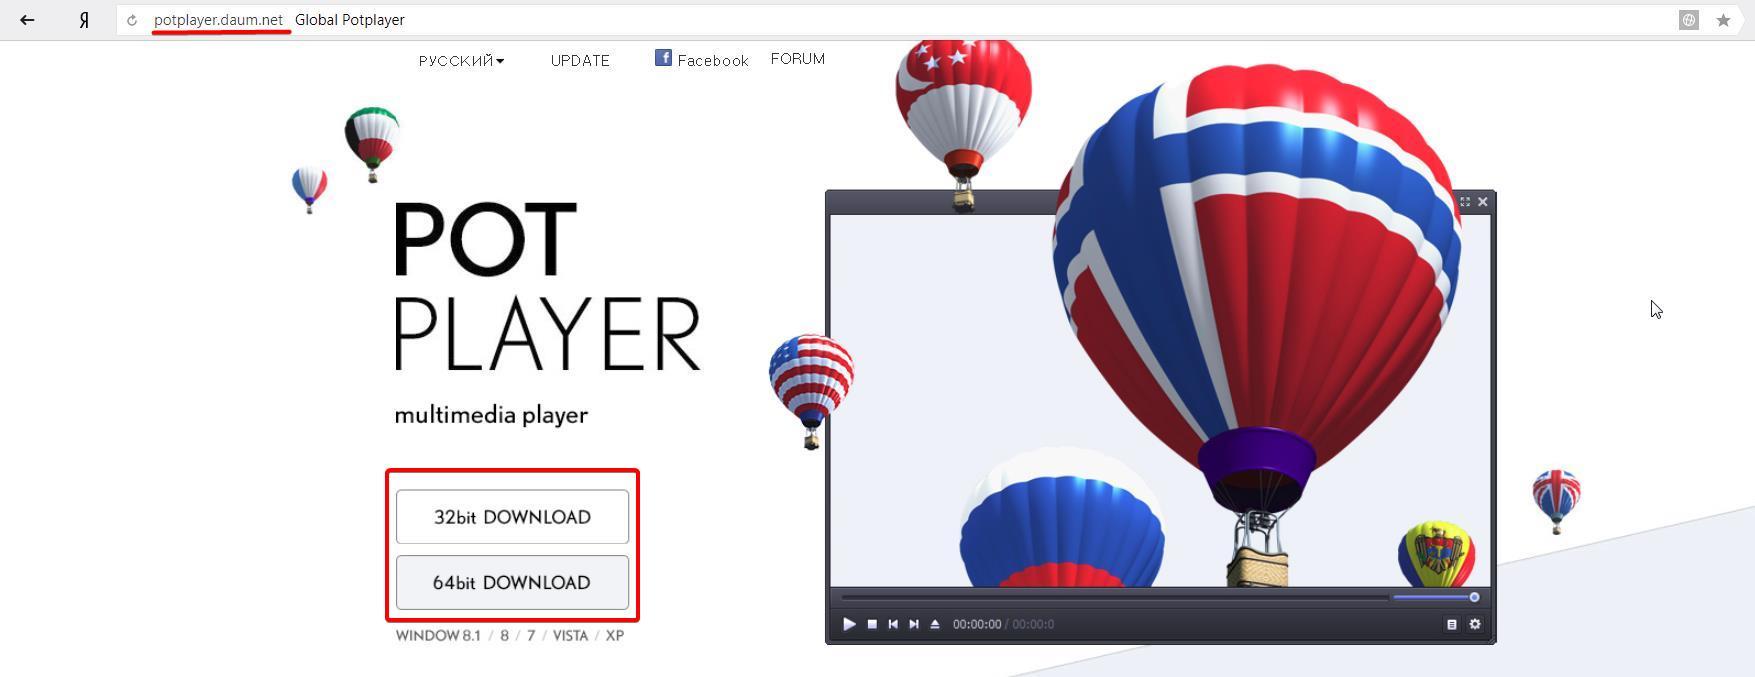 Официальный сайт PotPlayer